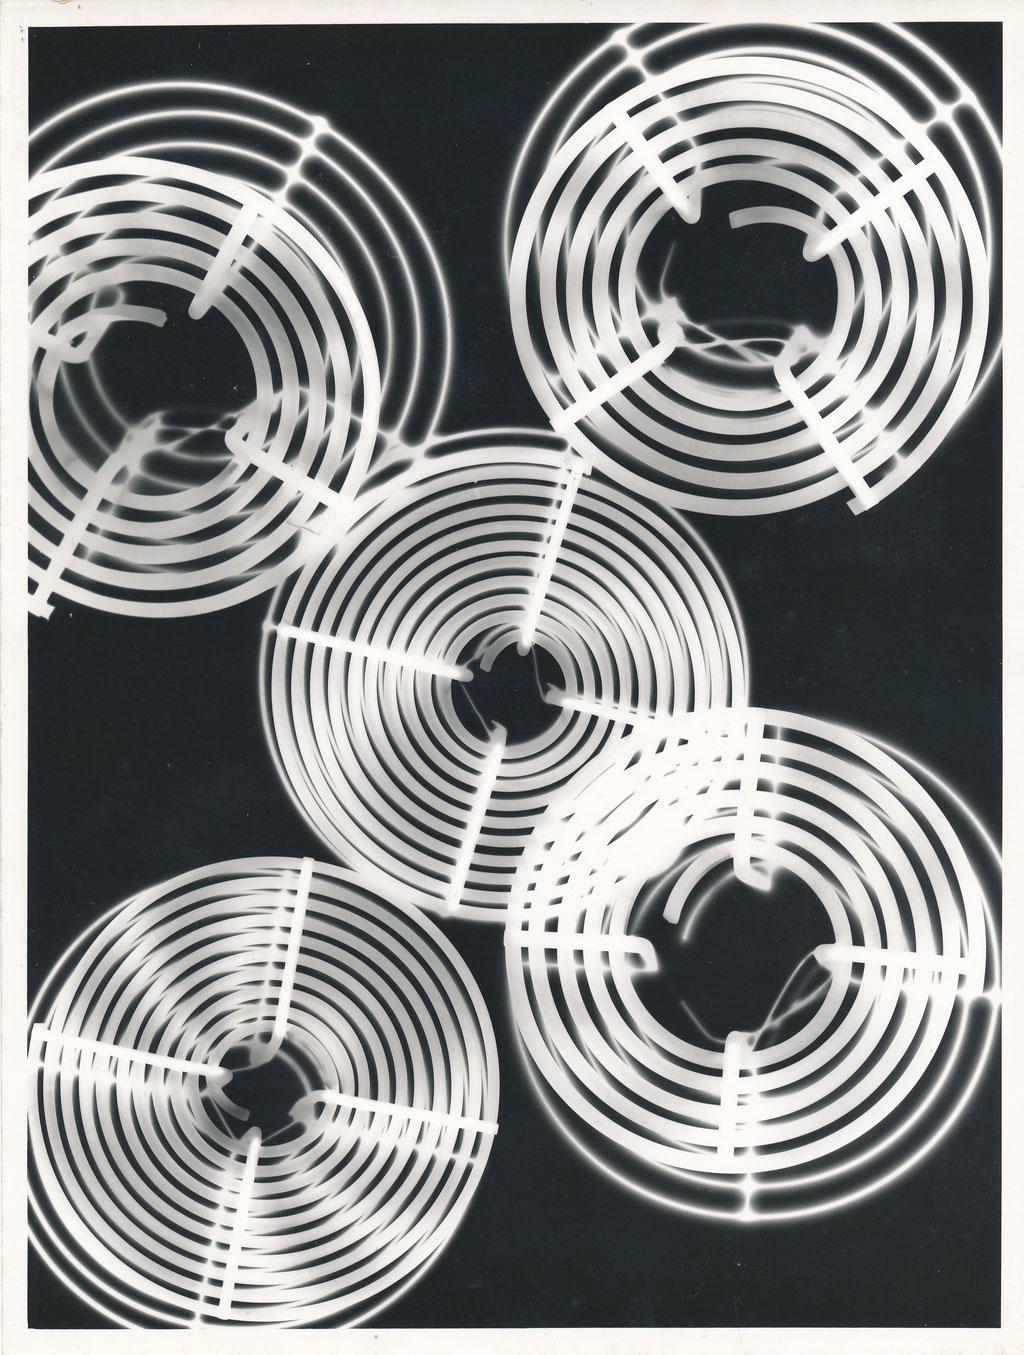 Plaques à induction photomontage